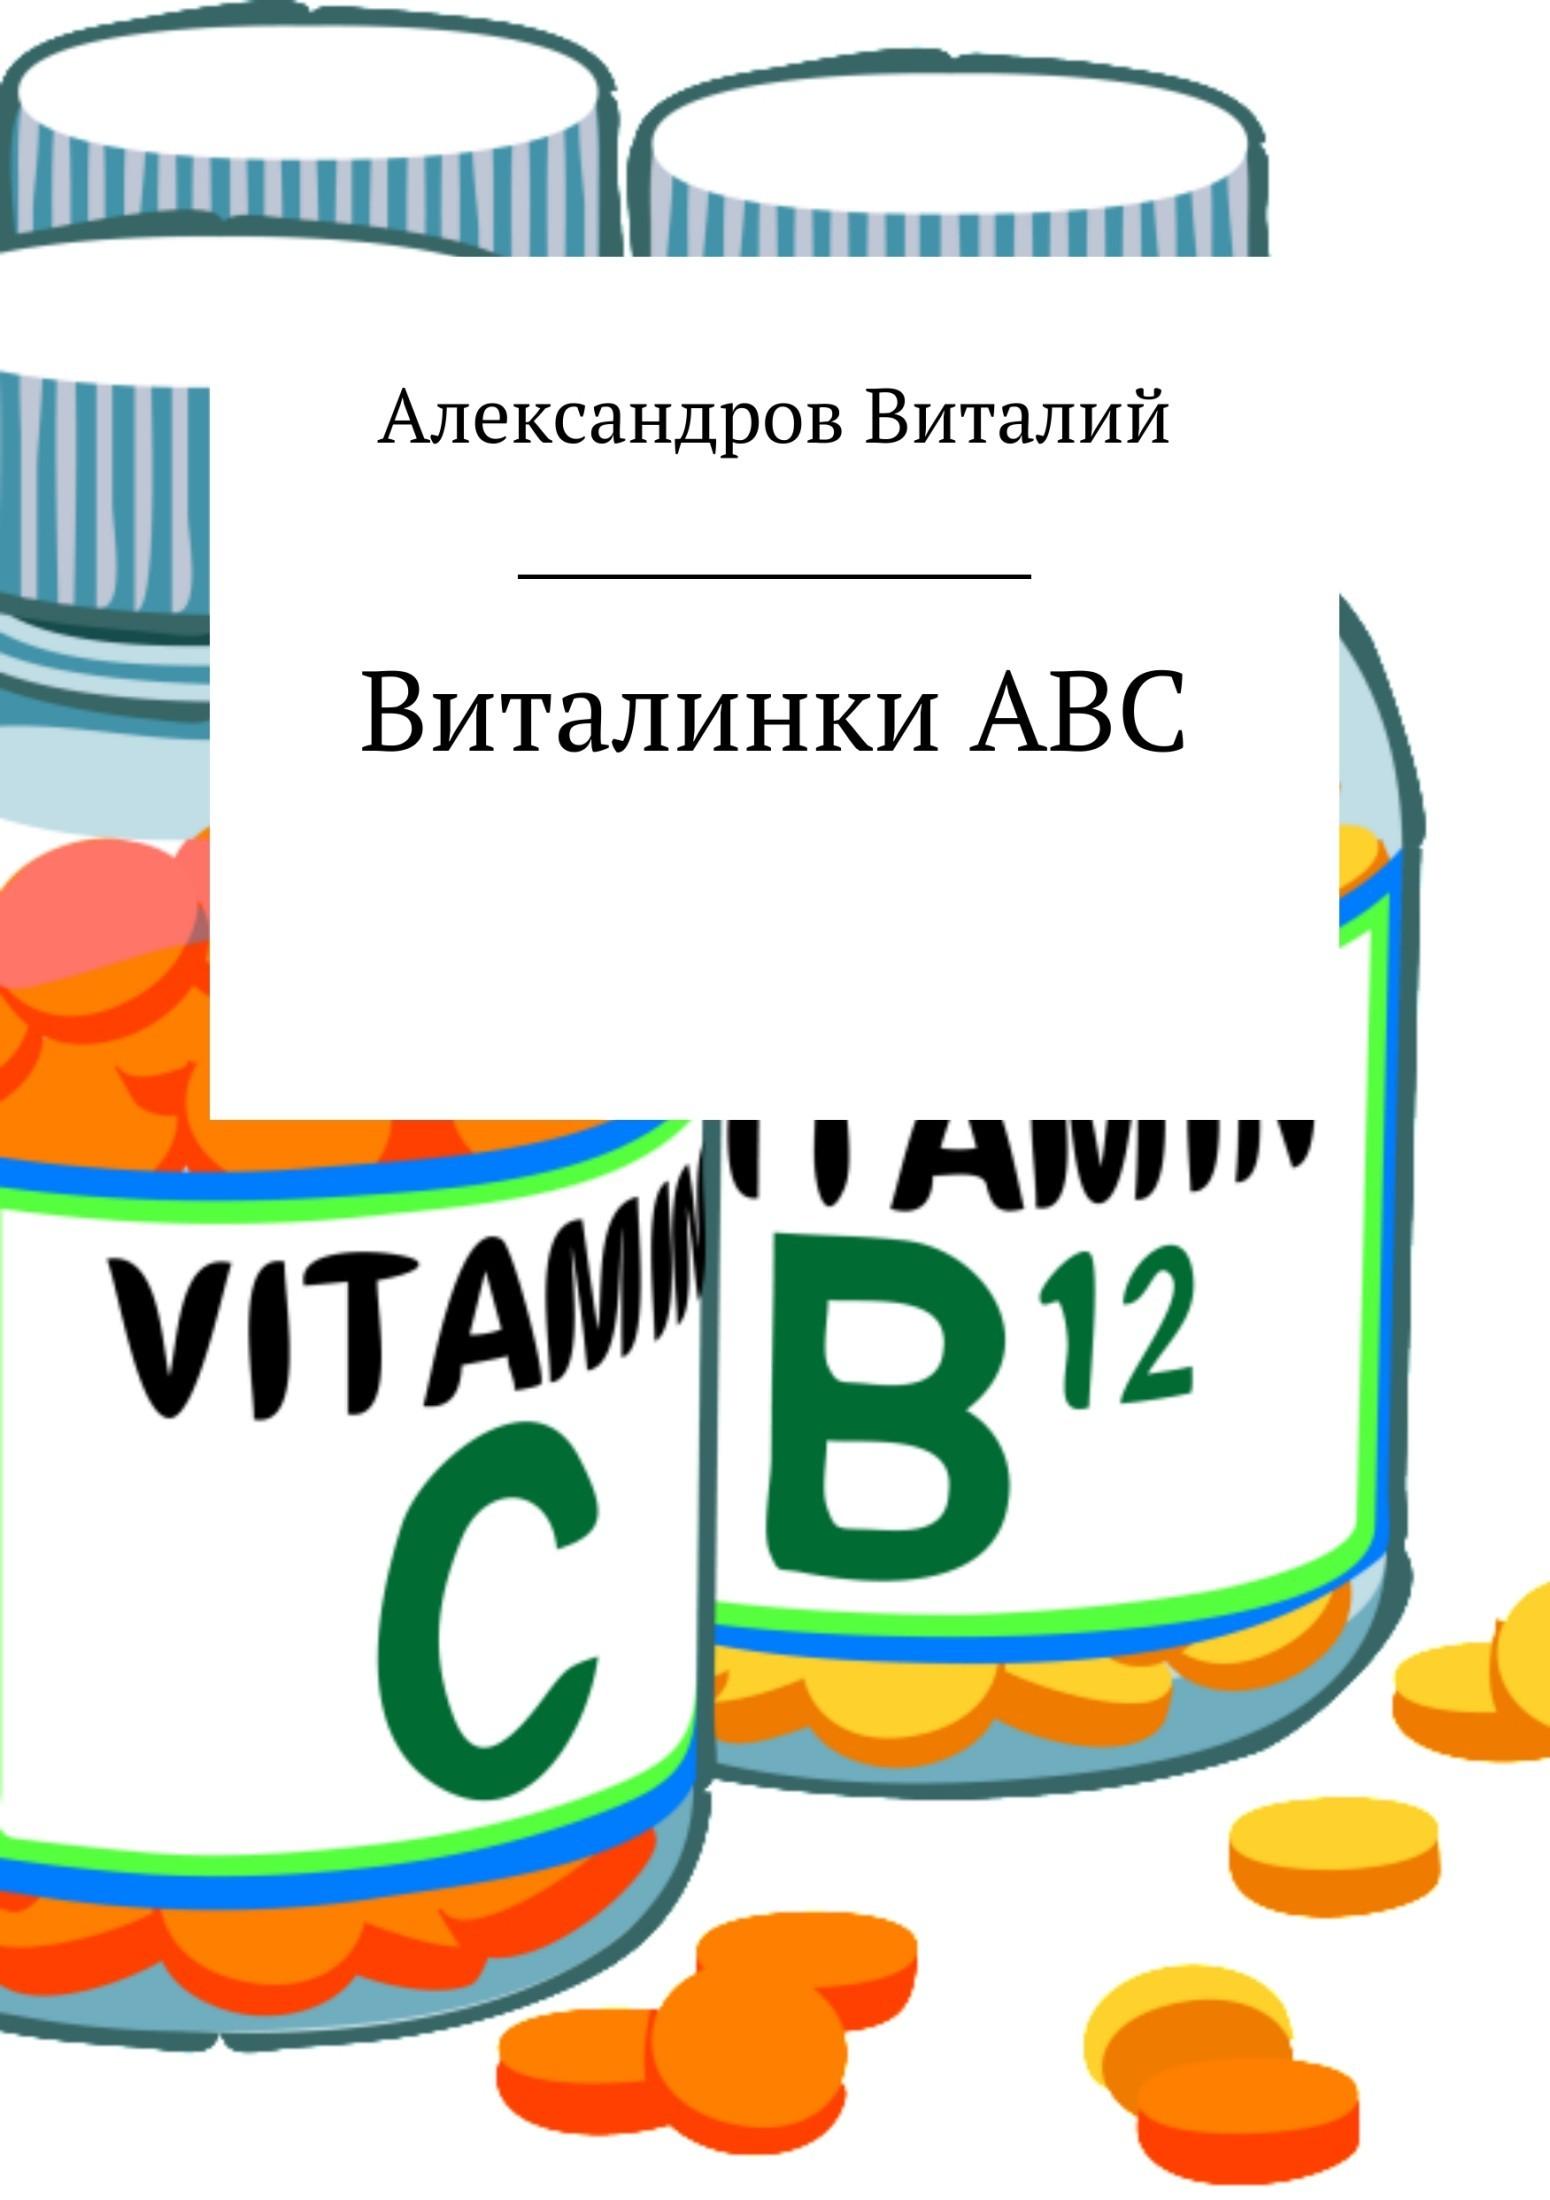 Виталий Александров - Виталинки ABC